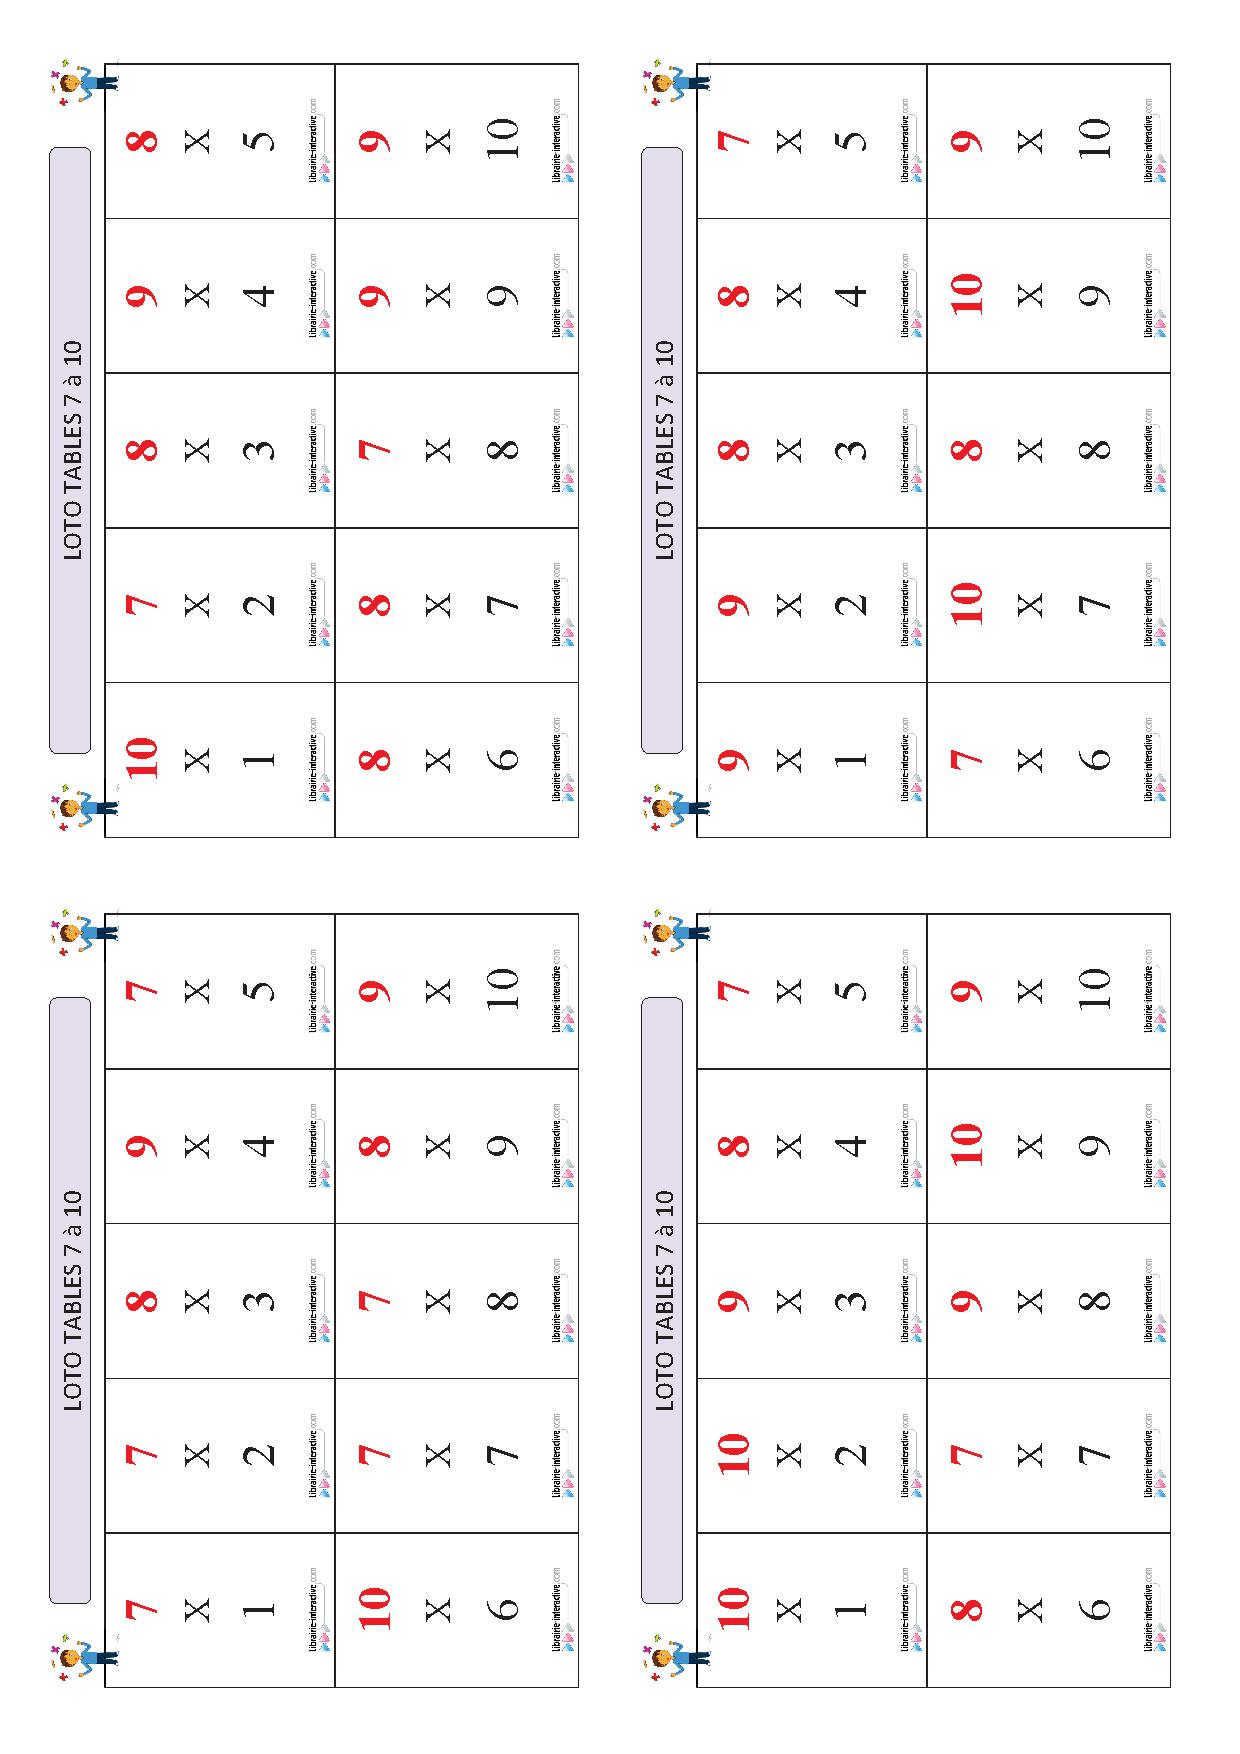 Un Jeu De Loto Pour Apprendre Et Memoriser Les Tables De Multiplication De 7 A 10 Table De Multiplication Multiplication Loto